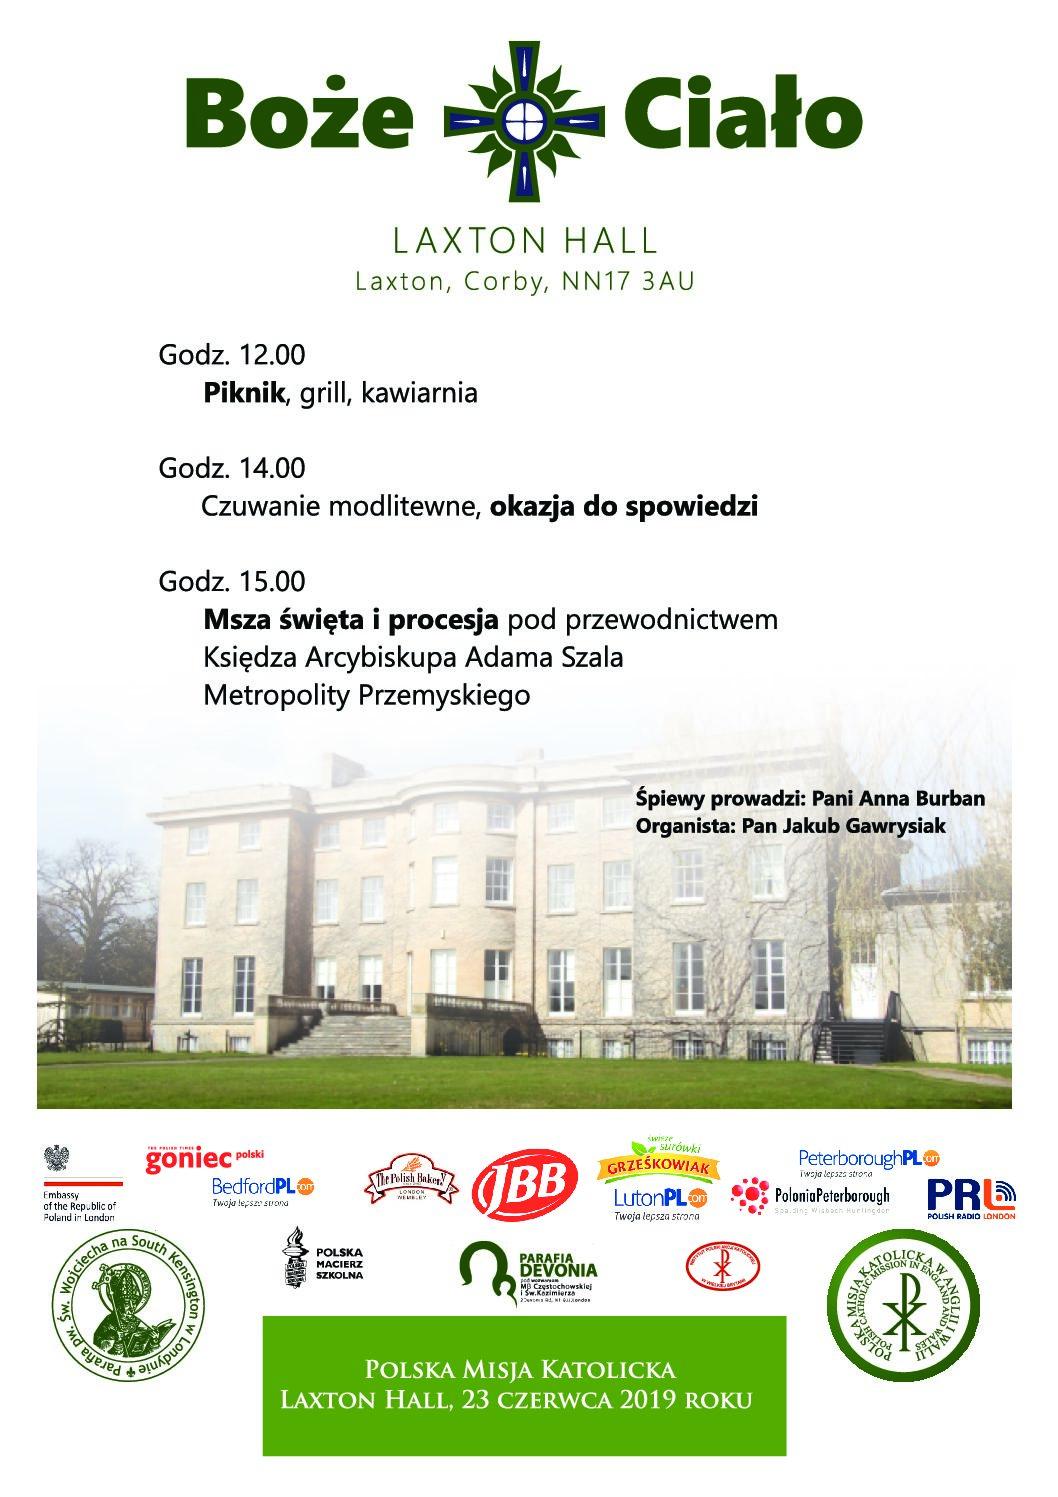 Boże Ciało w Laxton Hall